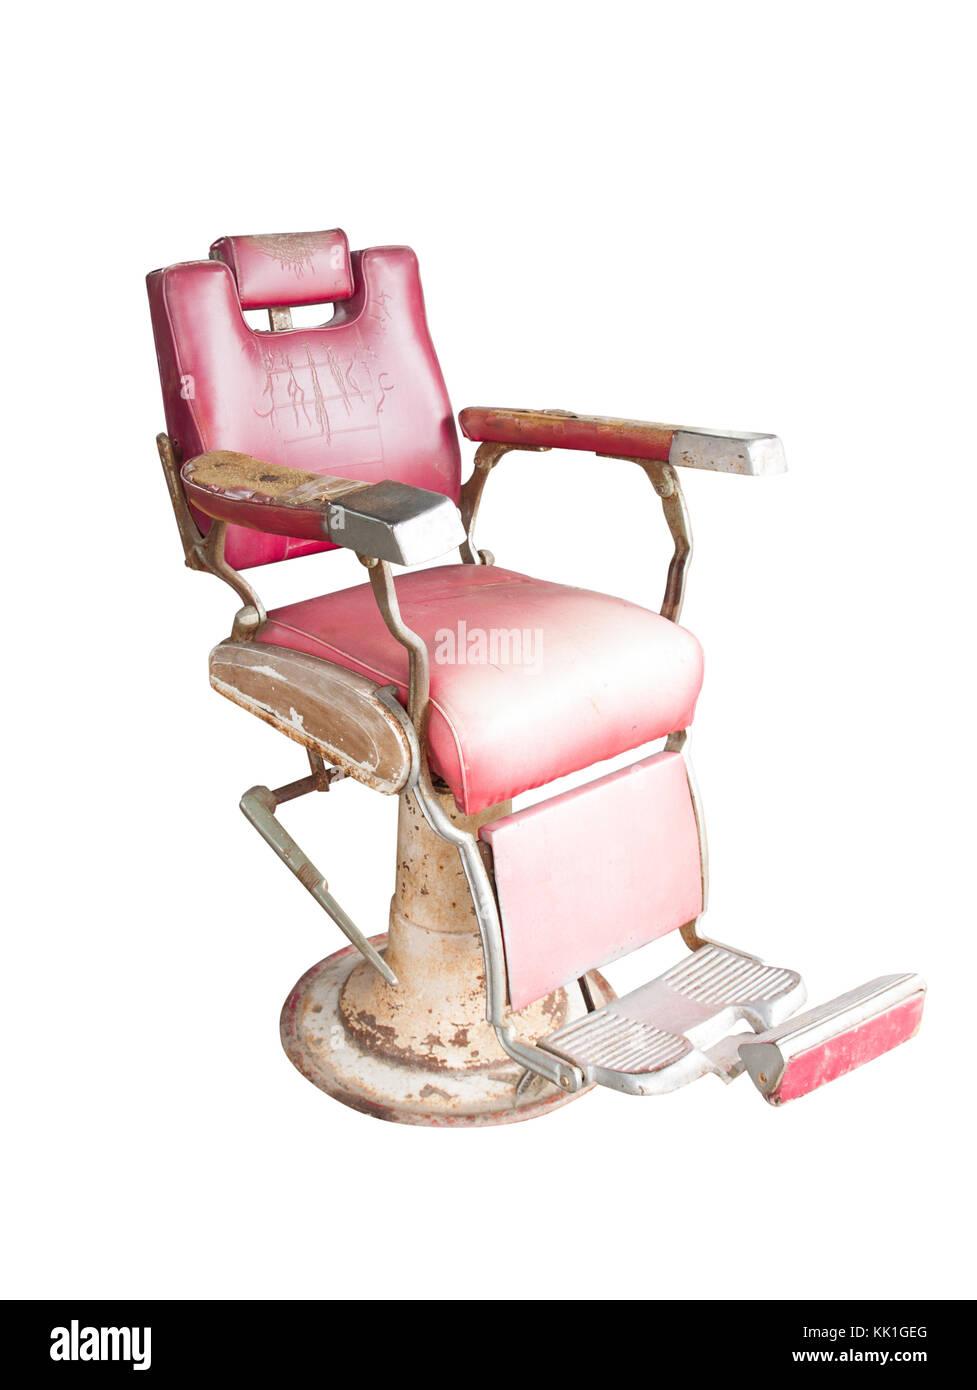 Barber Razor Stuhl Friseurstuhl Friseur Stuhl Die Haarschnitt Sessel